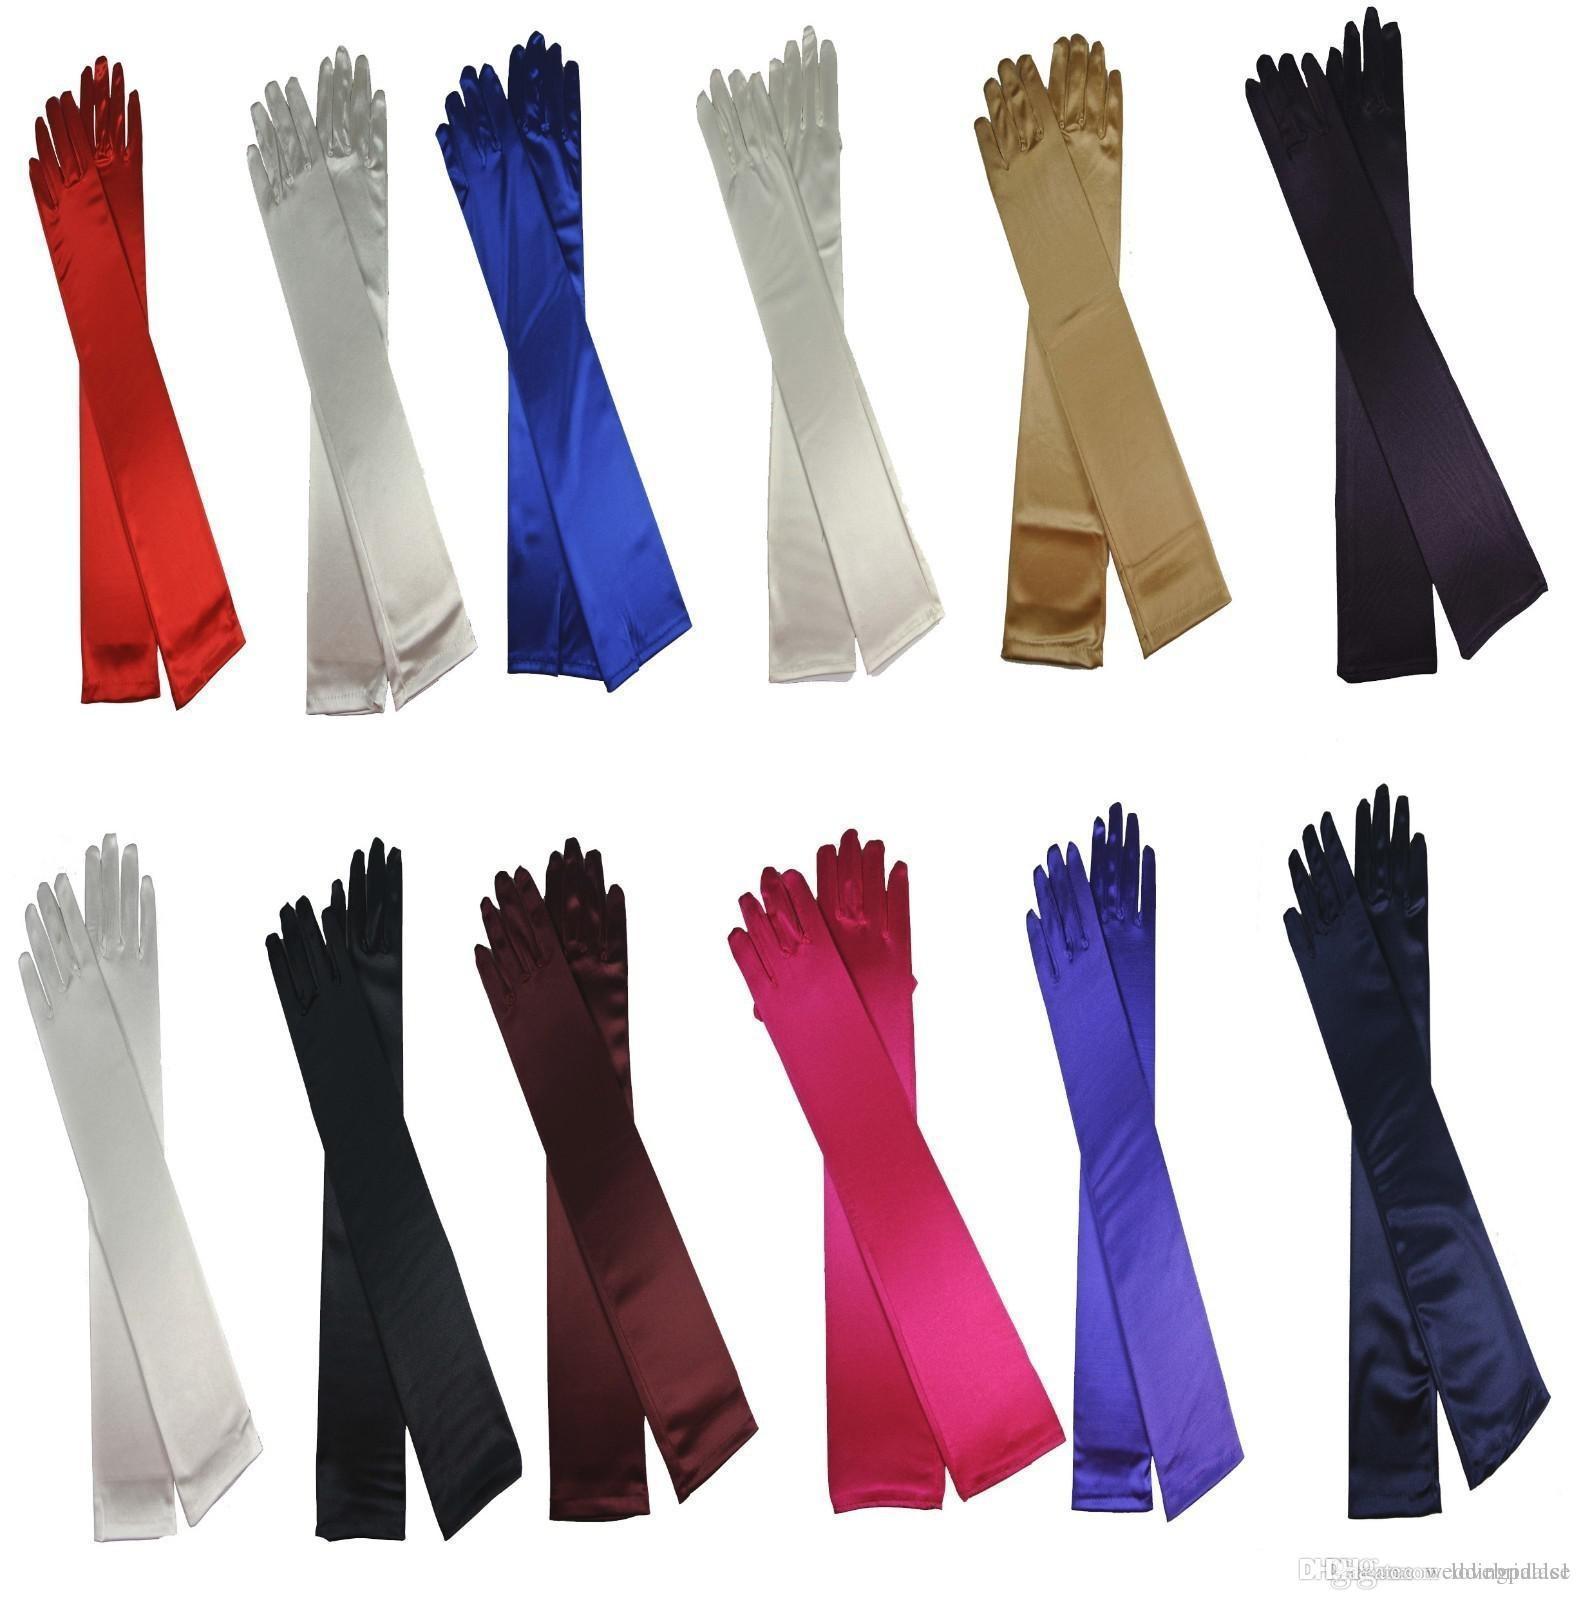 In Stock Spedizione gratuita Colorful sopra la lunghezza del gomito Guanti da sposa Guanti da sposa lunghi in raso con dita lunghe